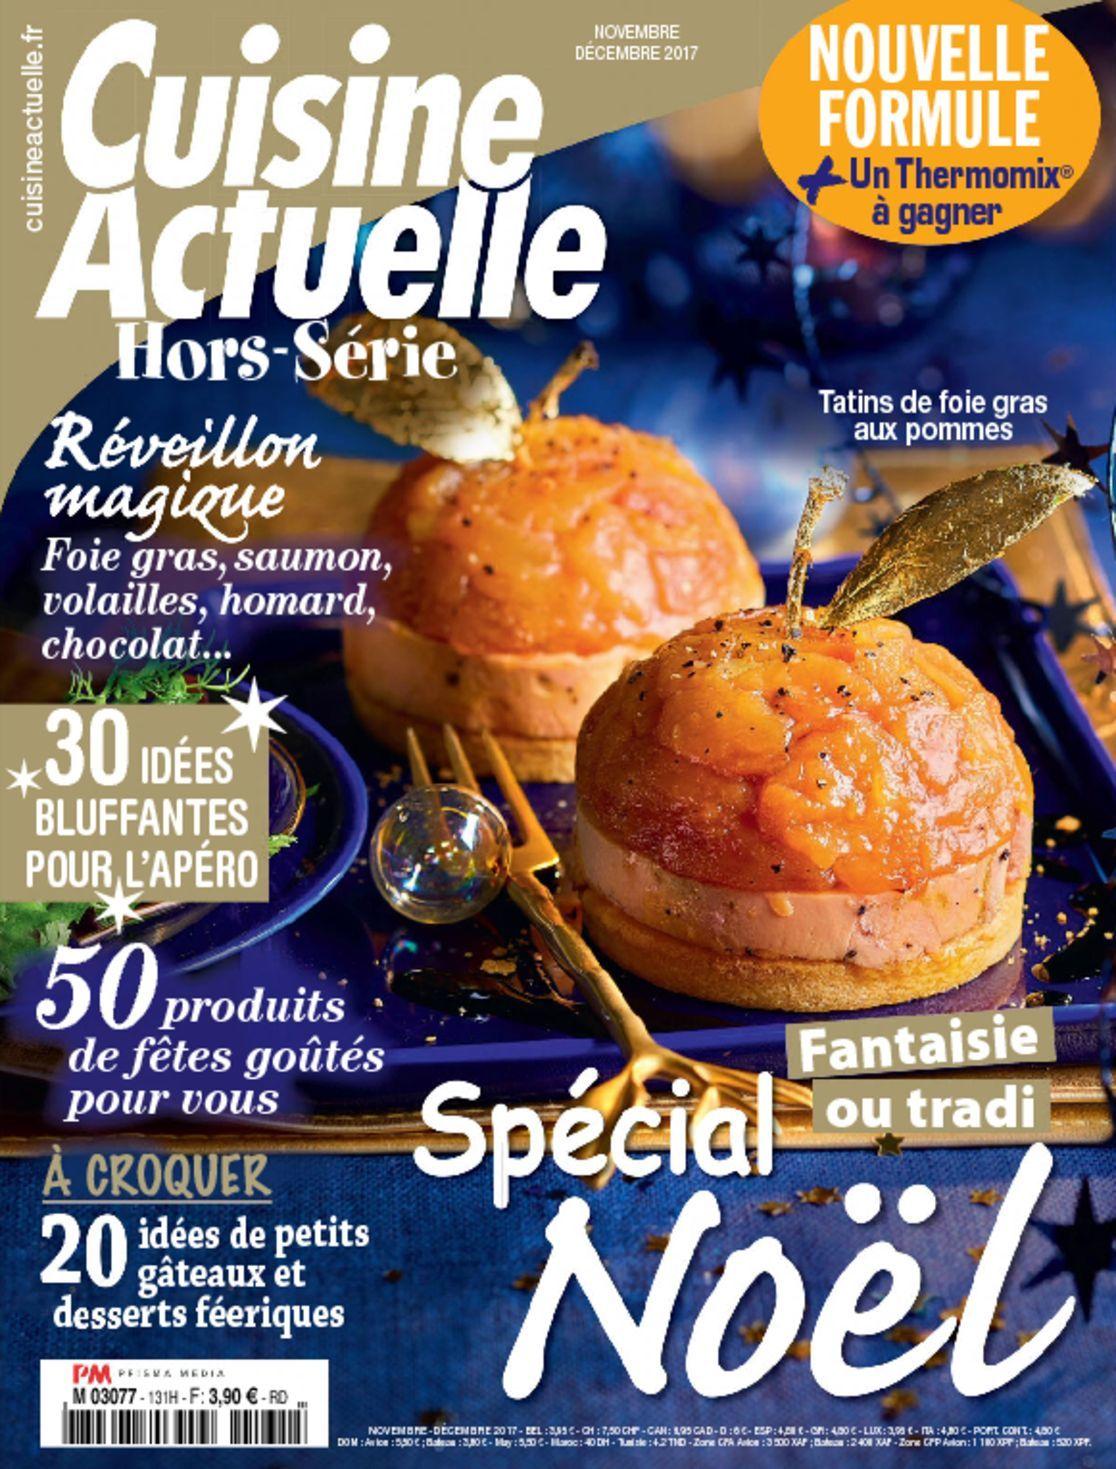 Cuisine actuelle hors s rie magazine digital for Cuisine actuelle